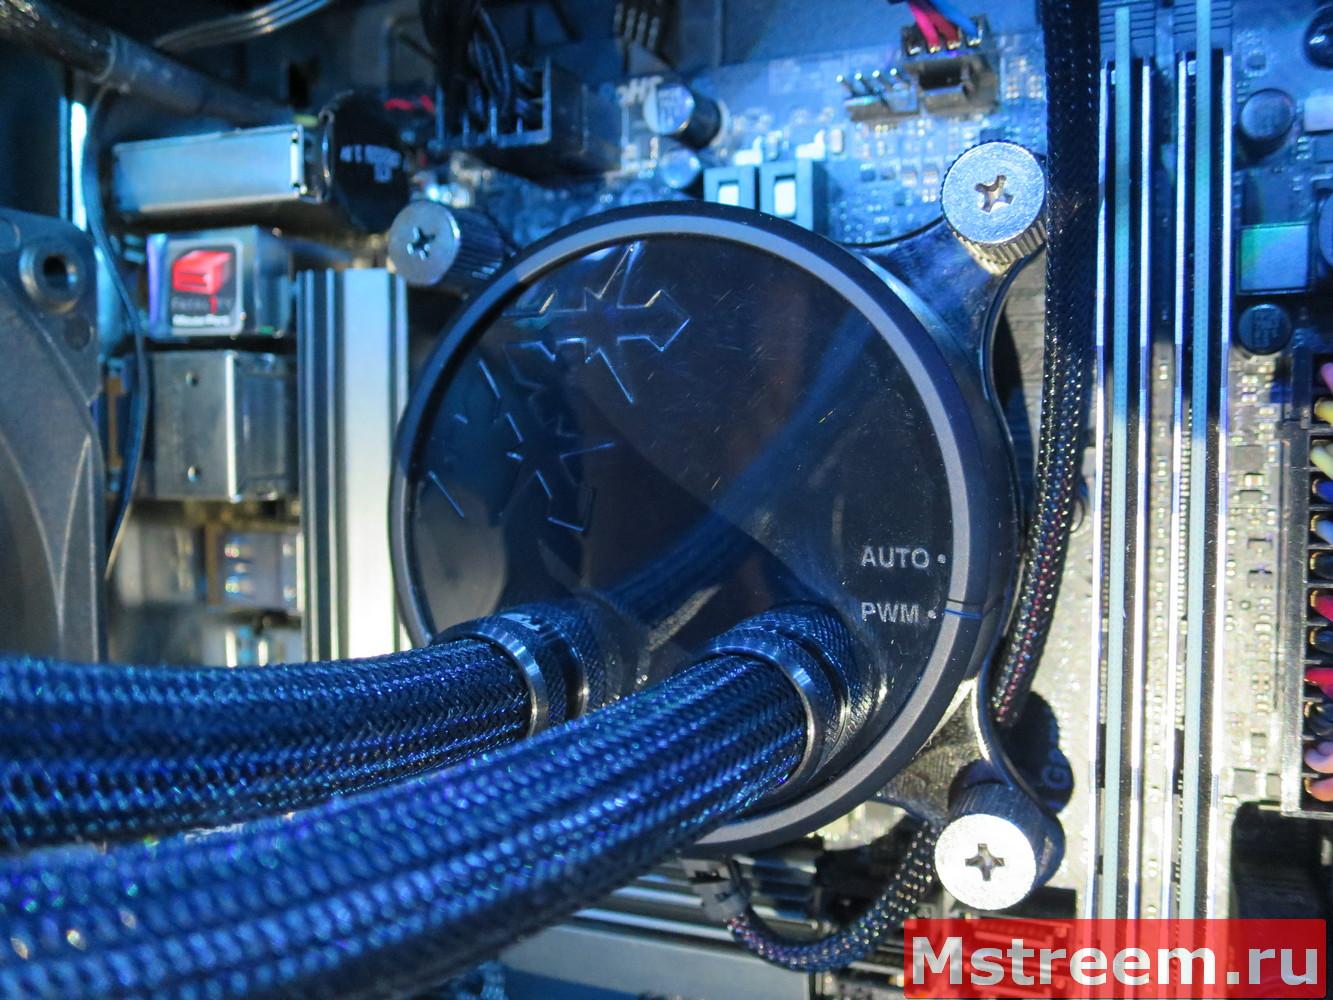 Выбор режима работы системы охлаждения Fractal Design Celsius S24